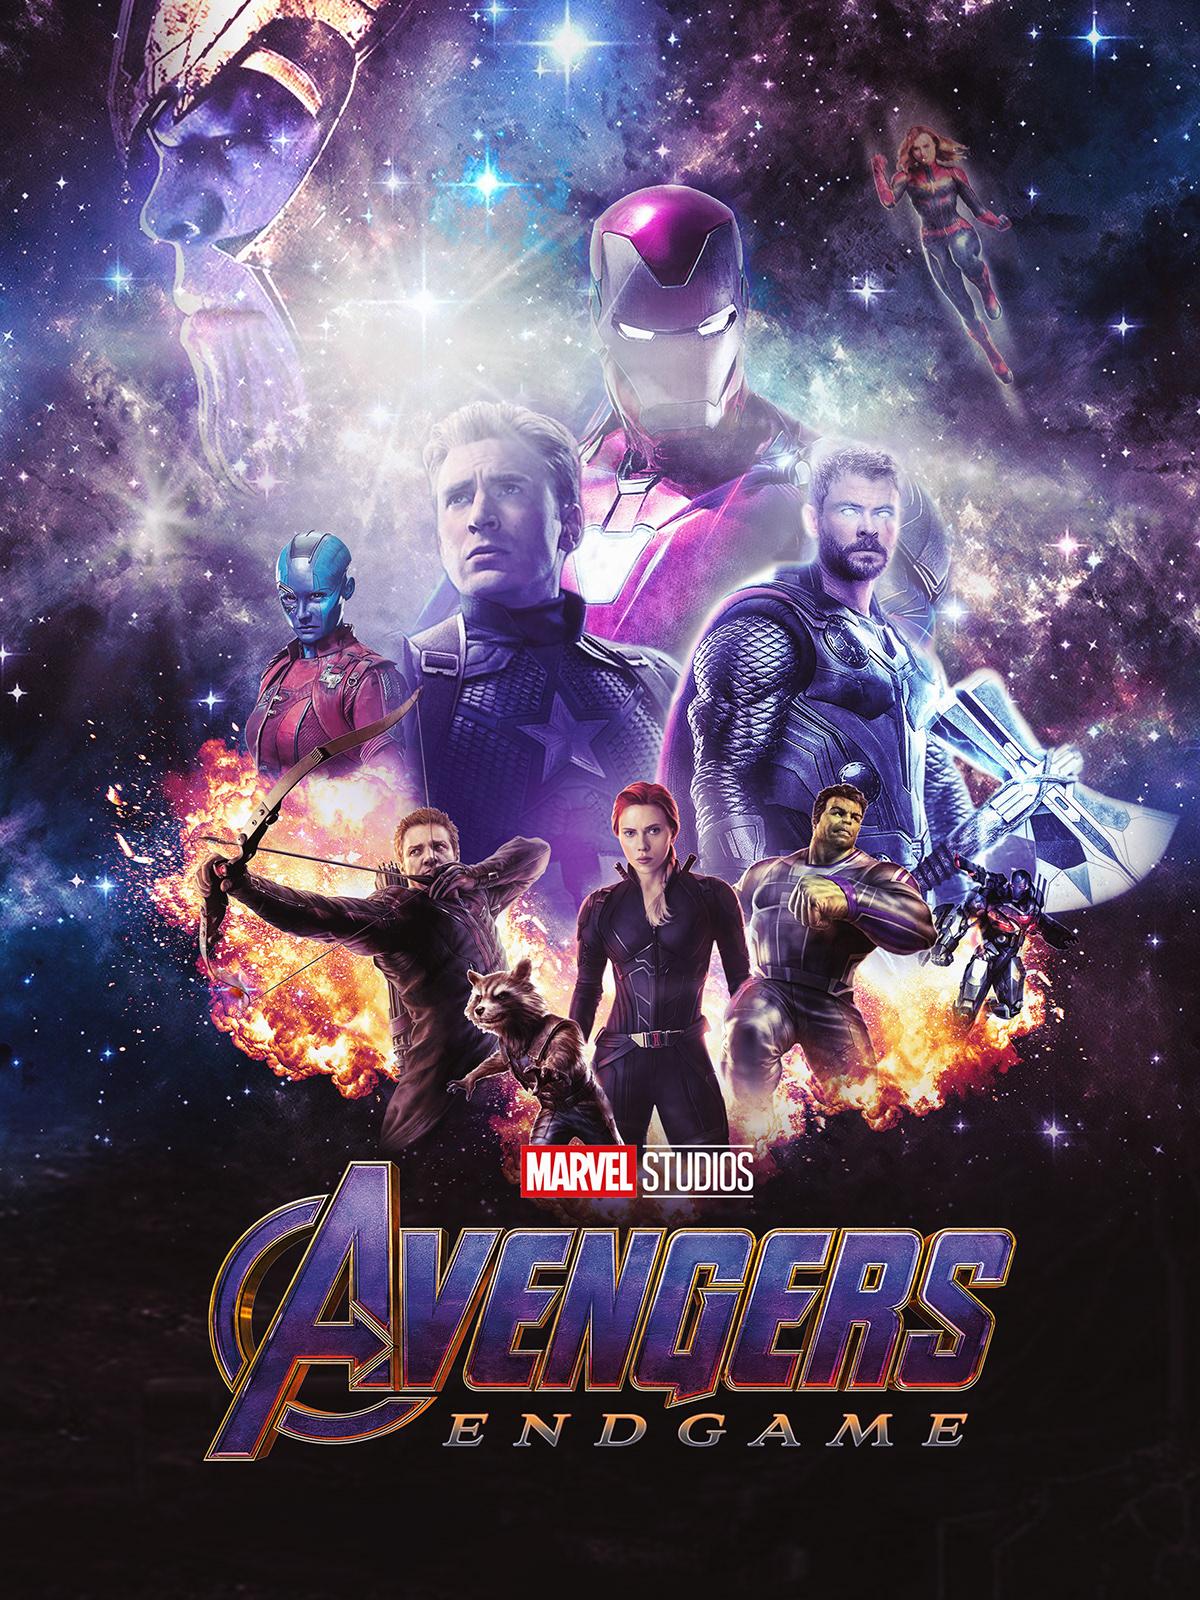 avengers endgame film poster design